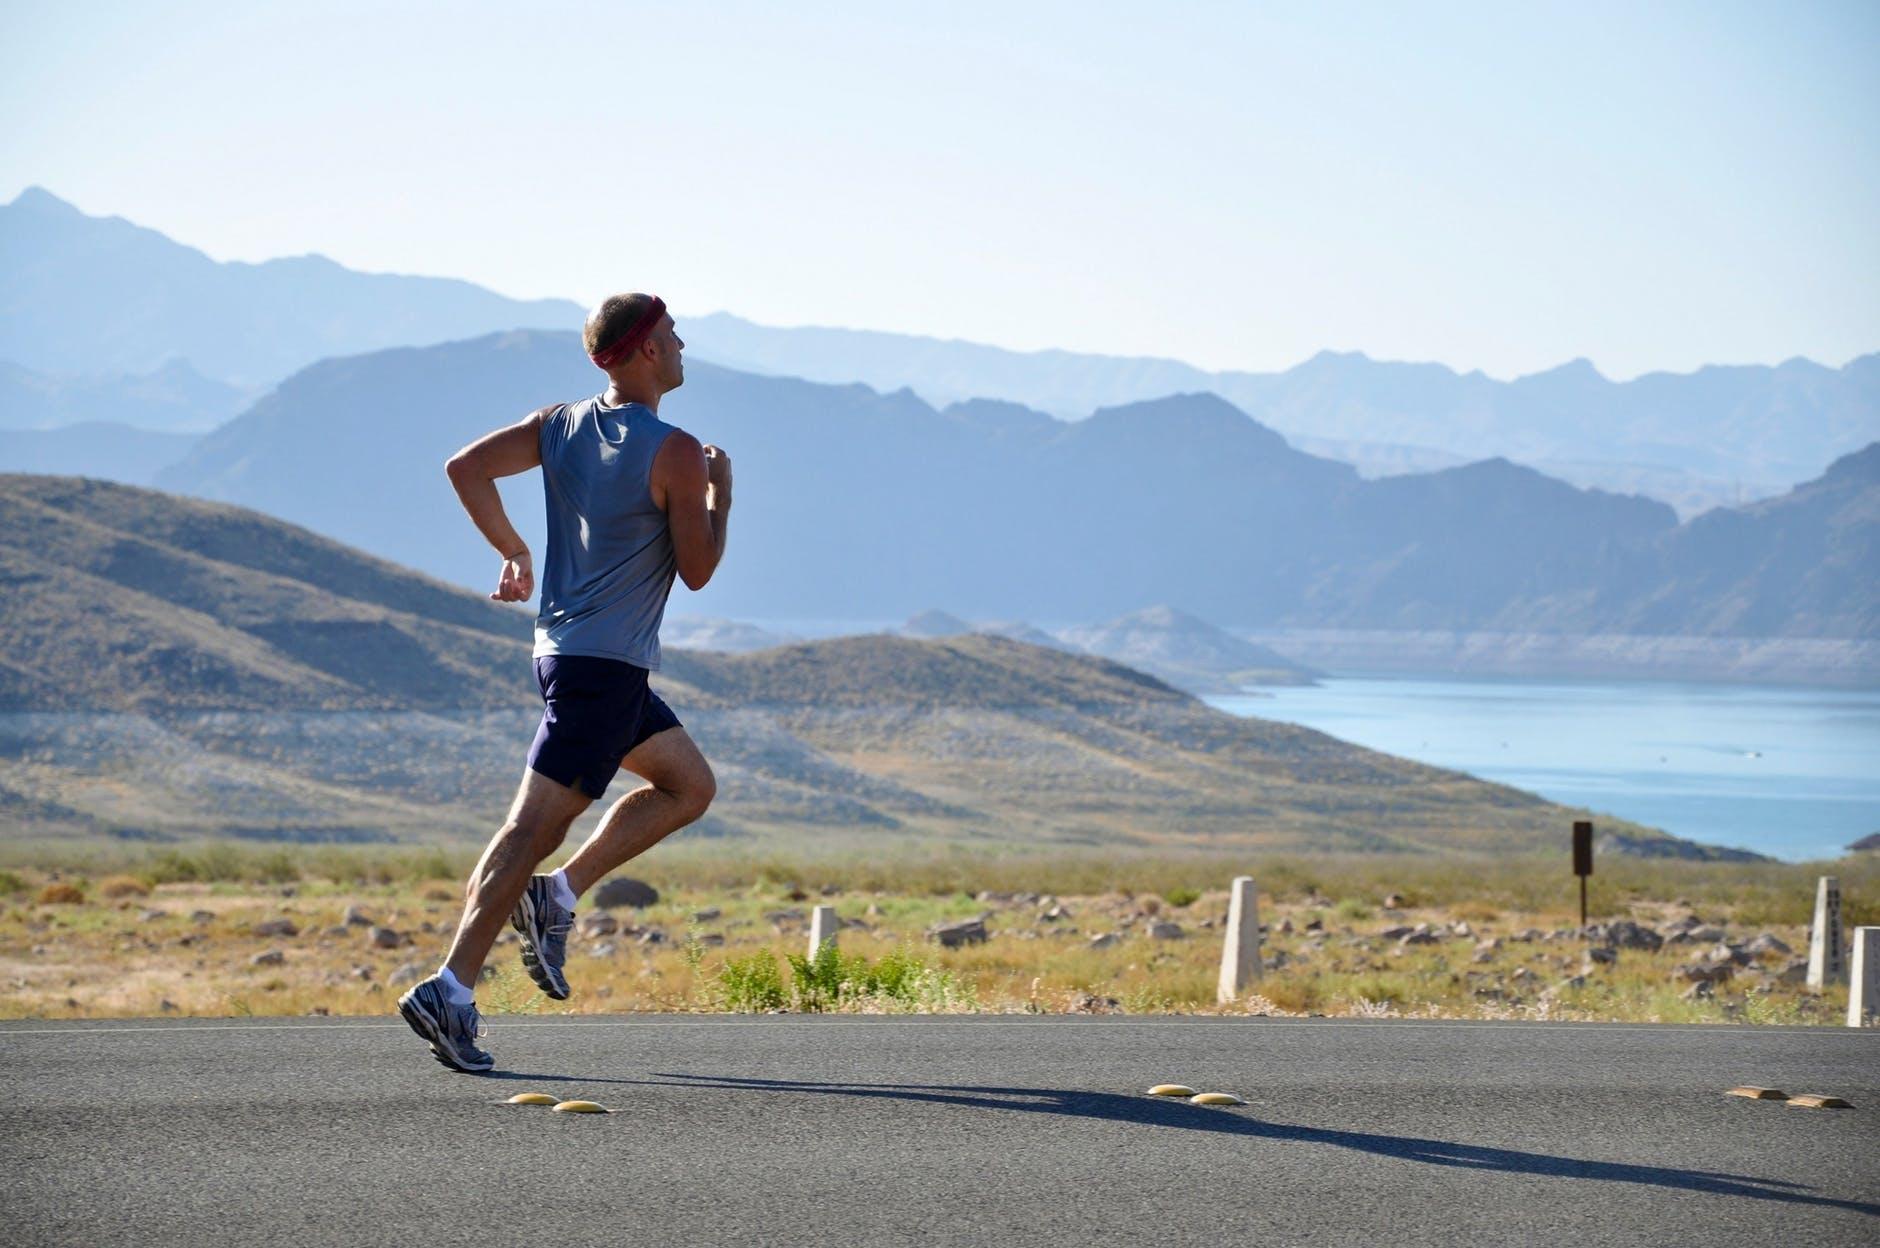 комплекс упражнений с собственным весом